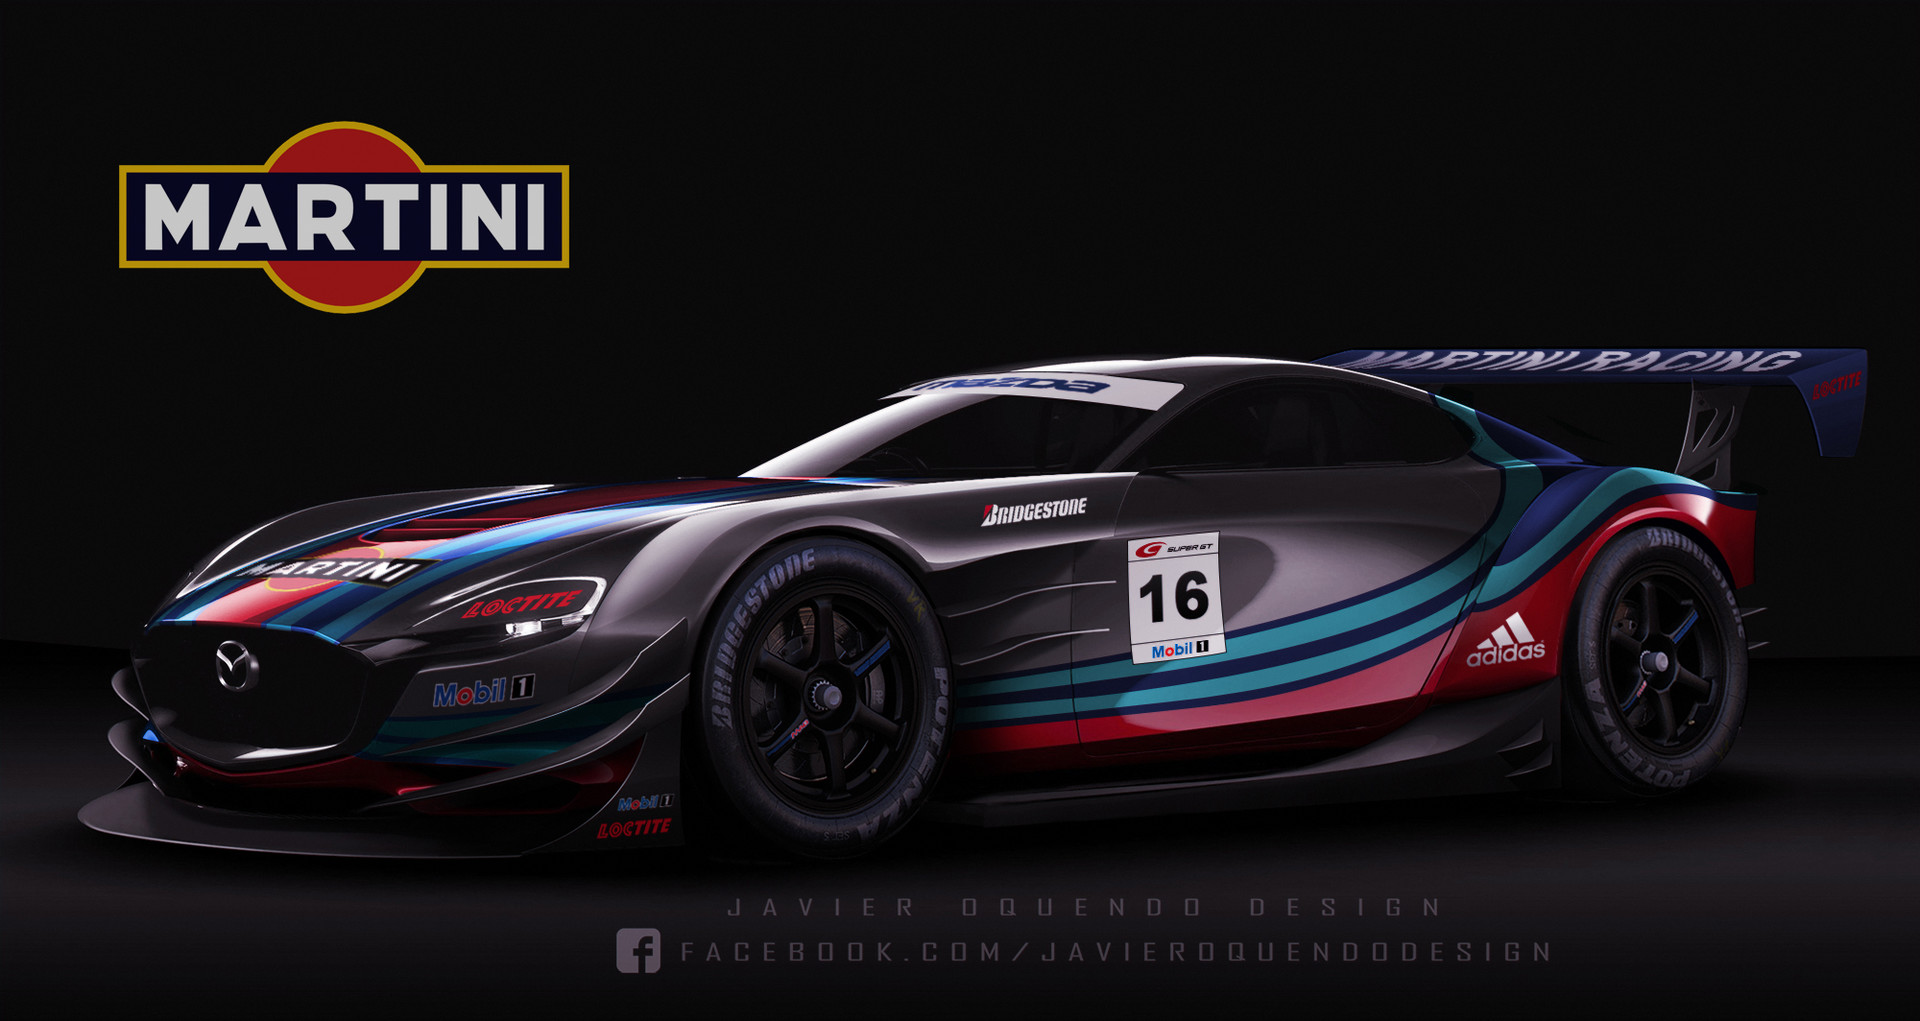 Martini Racing Livery